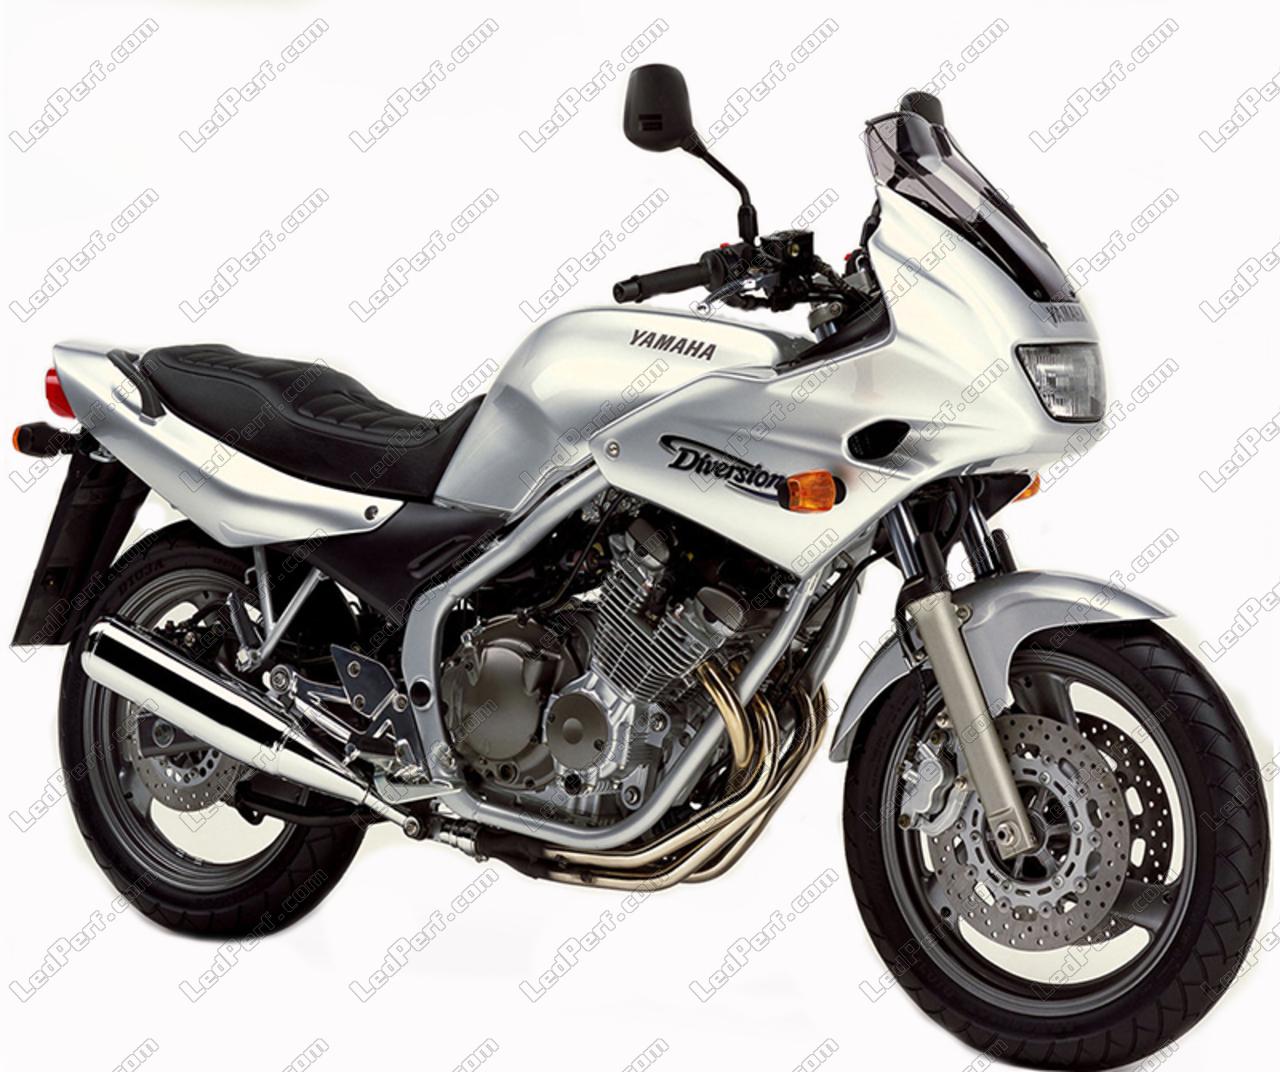 Lâmpada Led Para Yamaha Xj 600 S Diversion